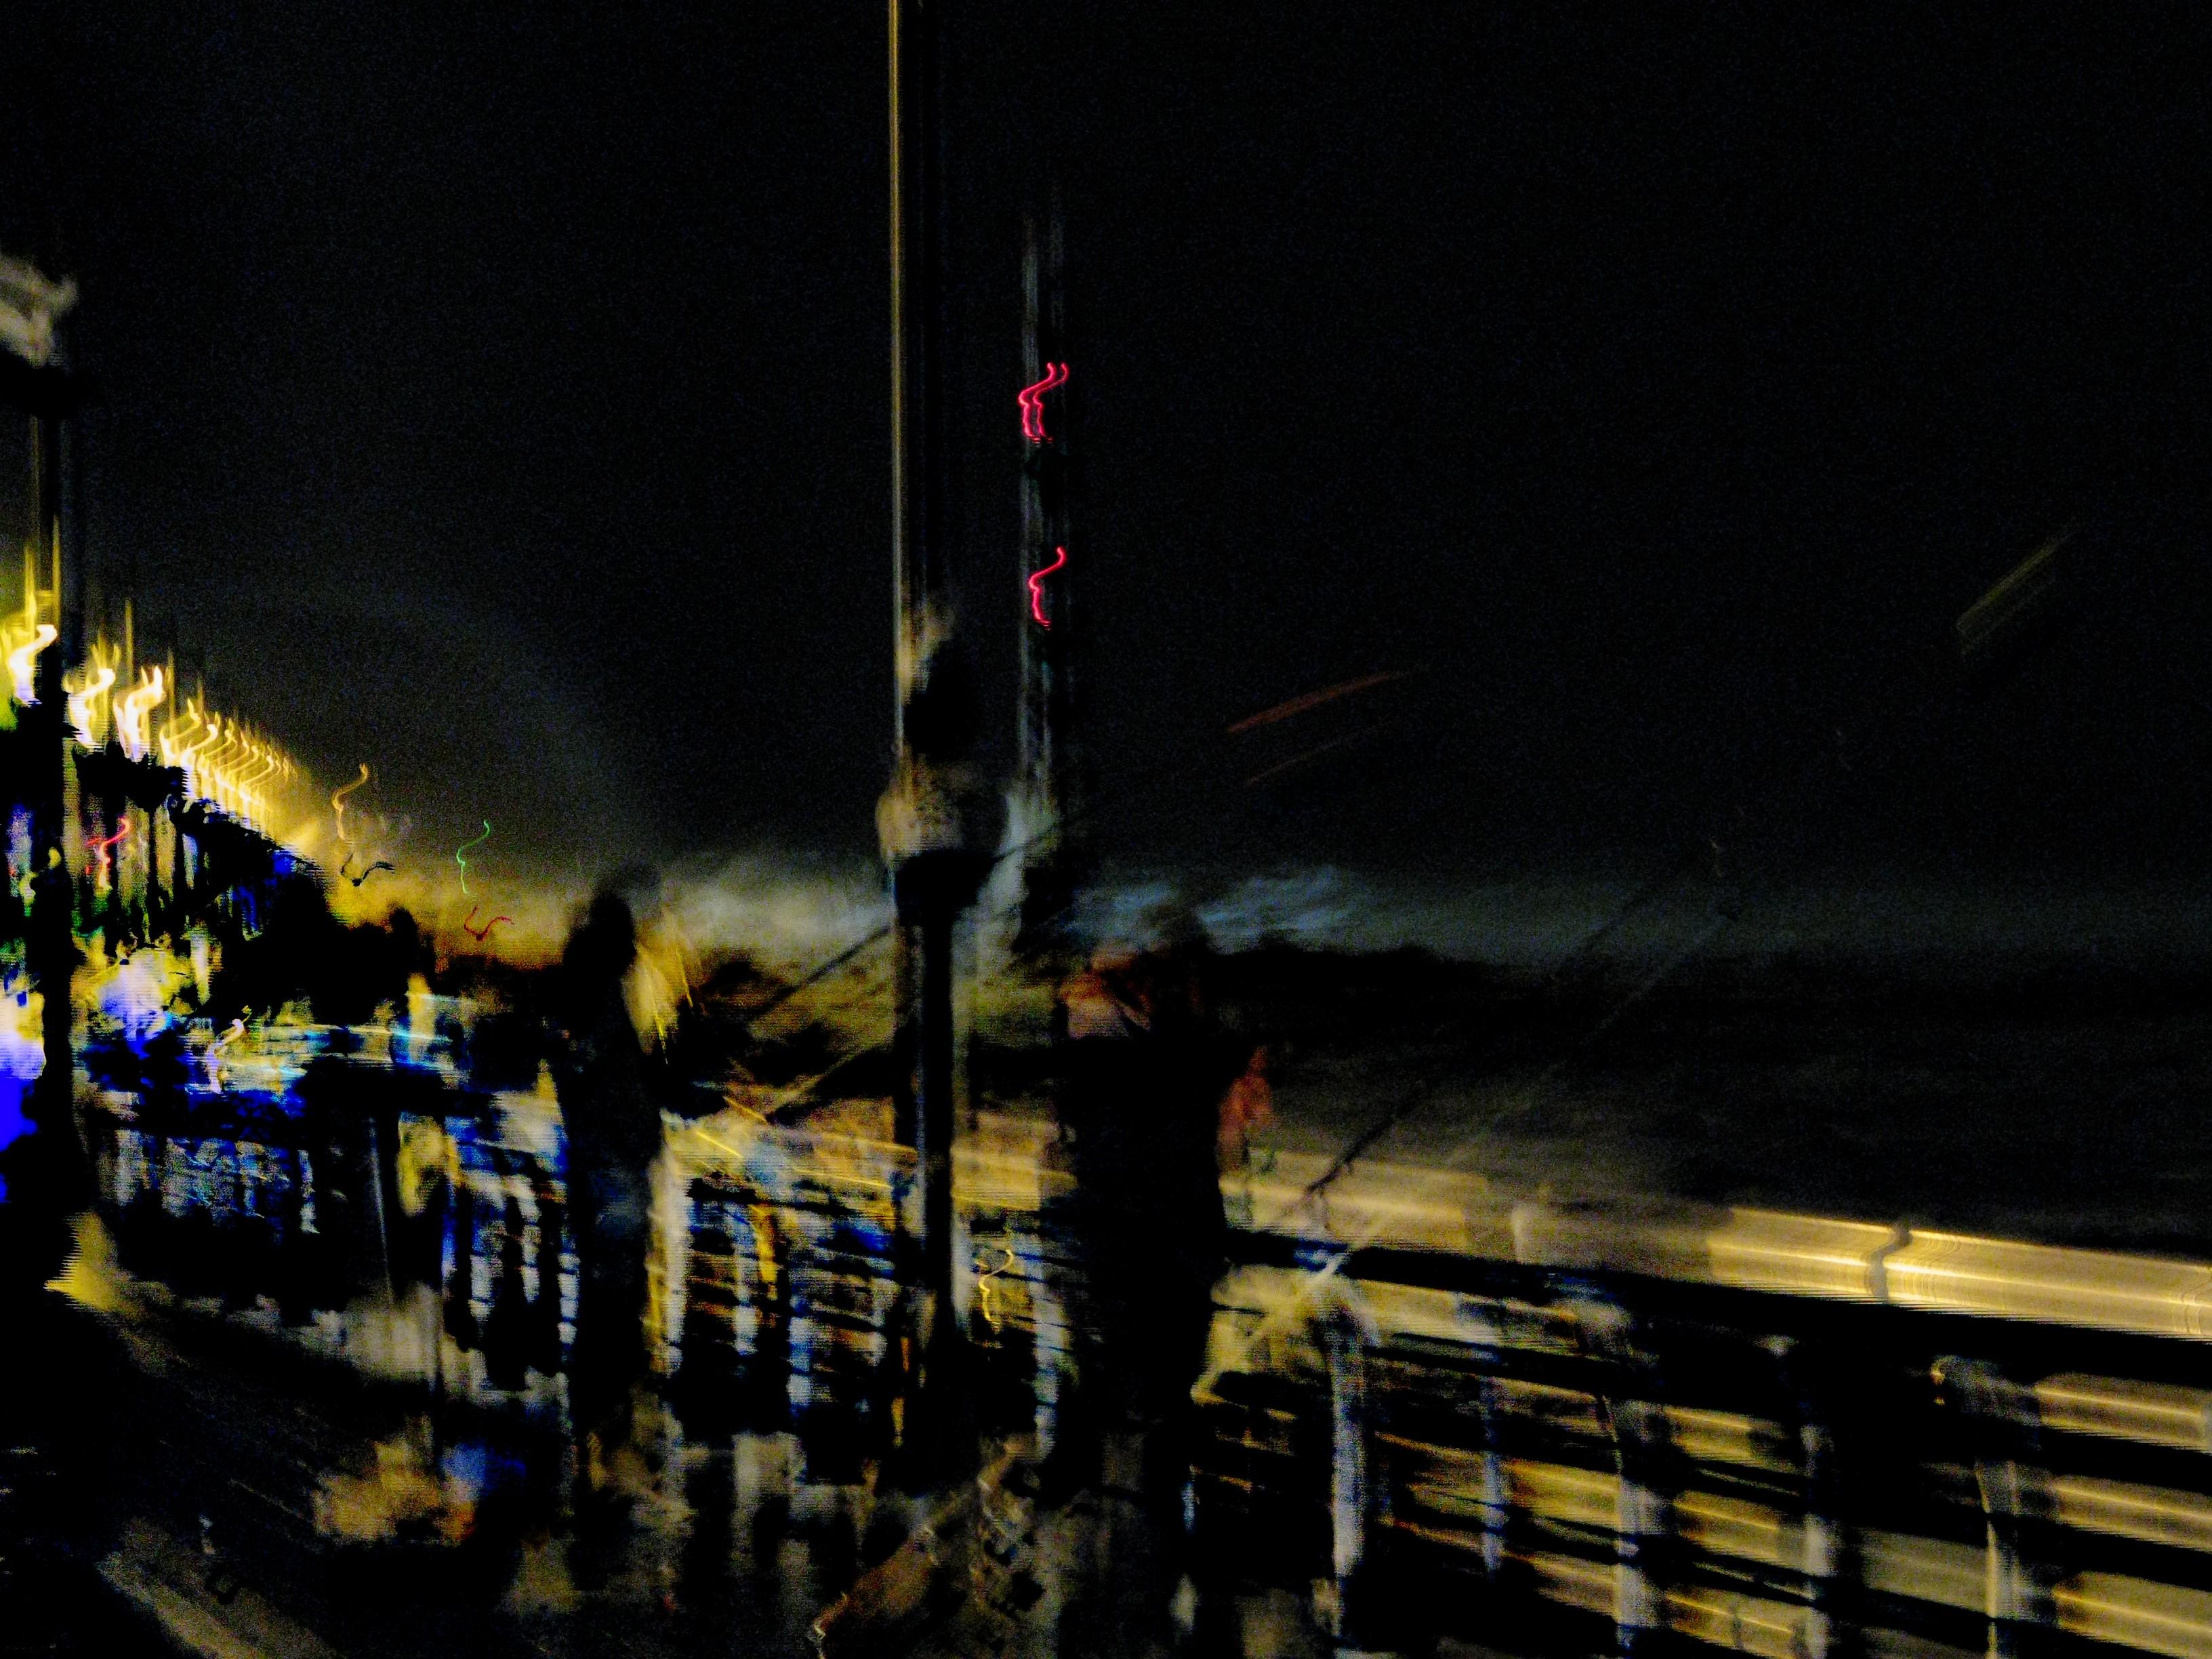 Fishermen_at_the_Corniche_-_Luder_Artinian